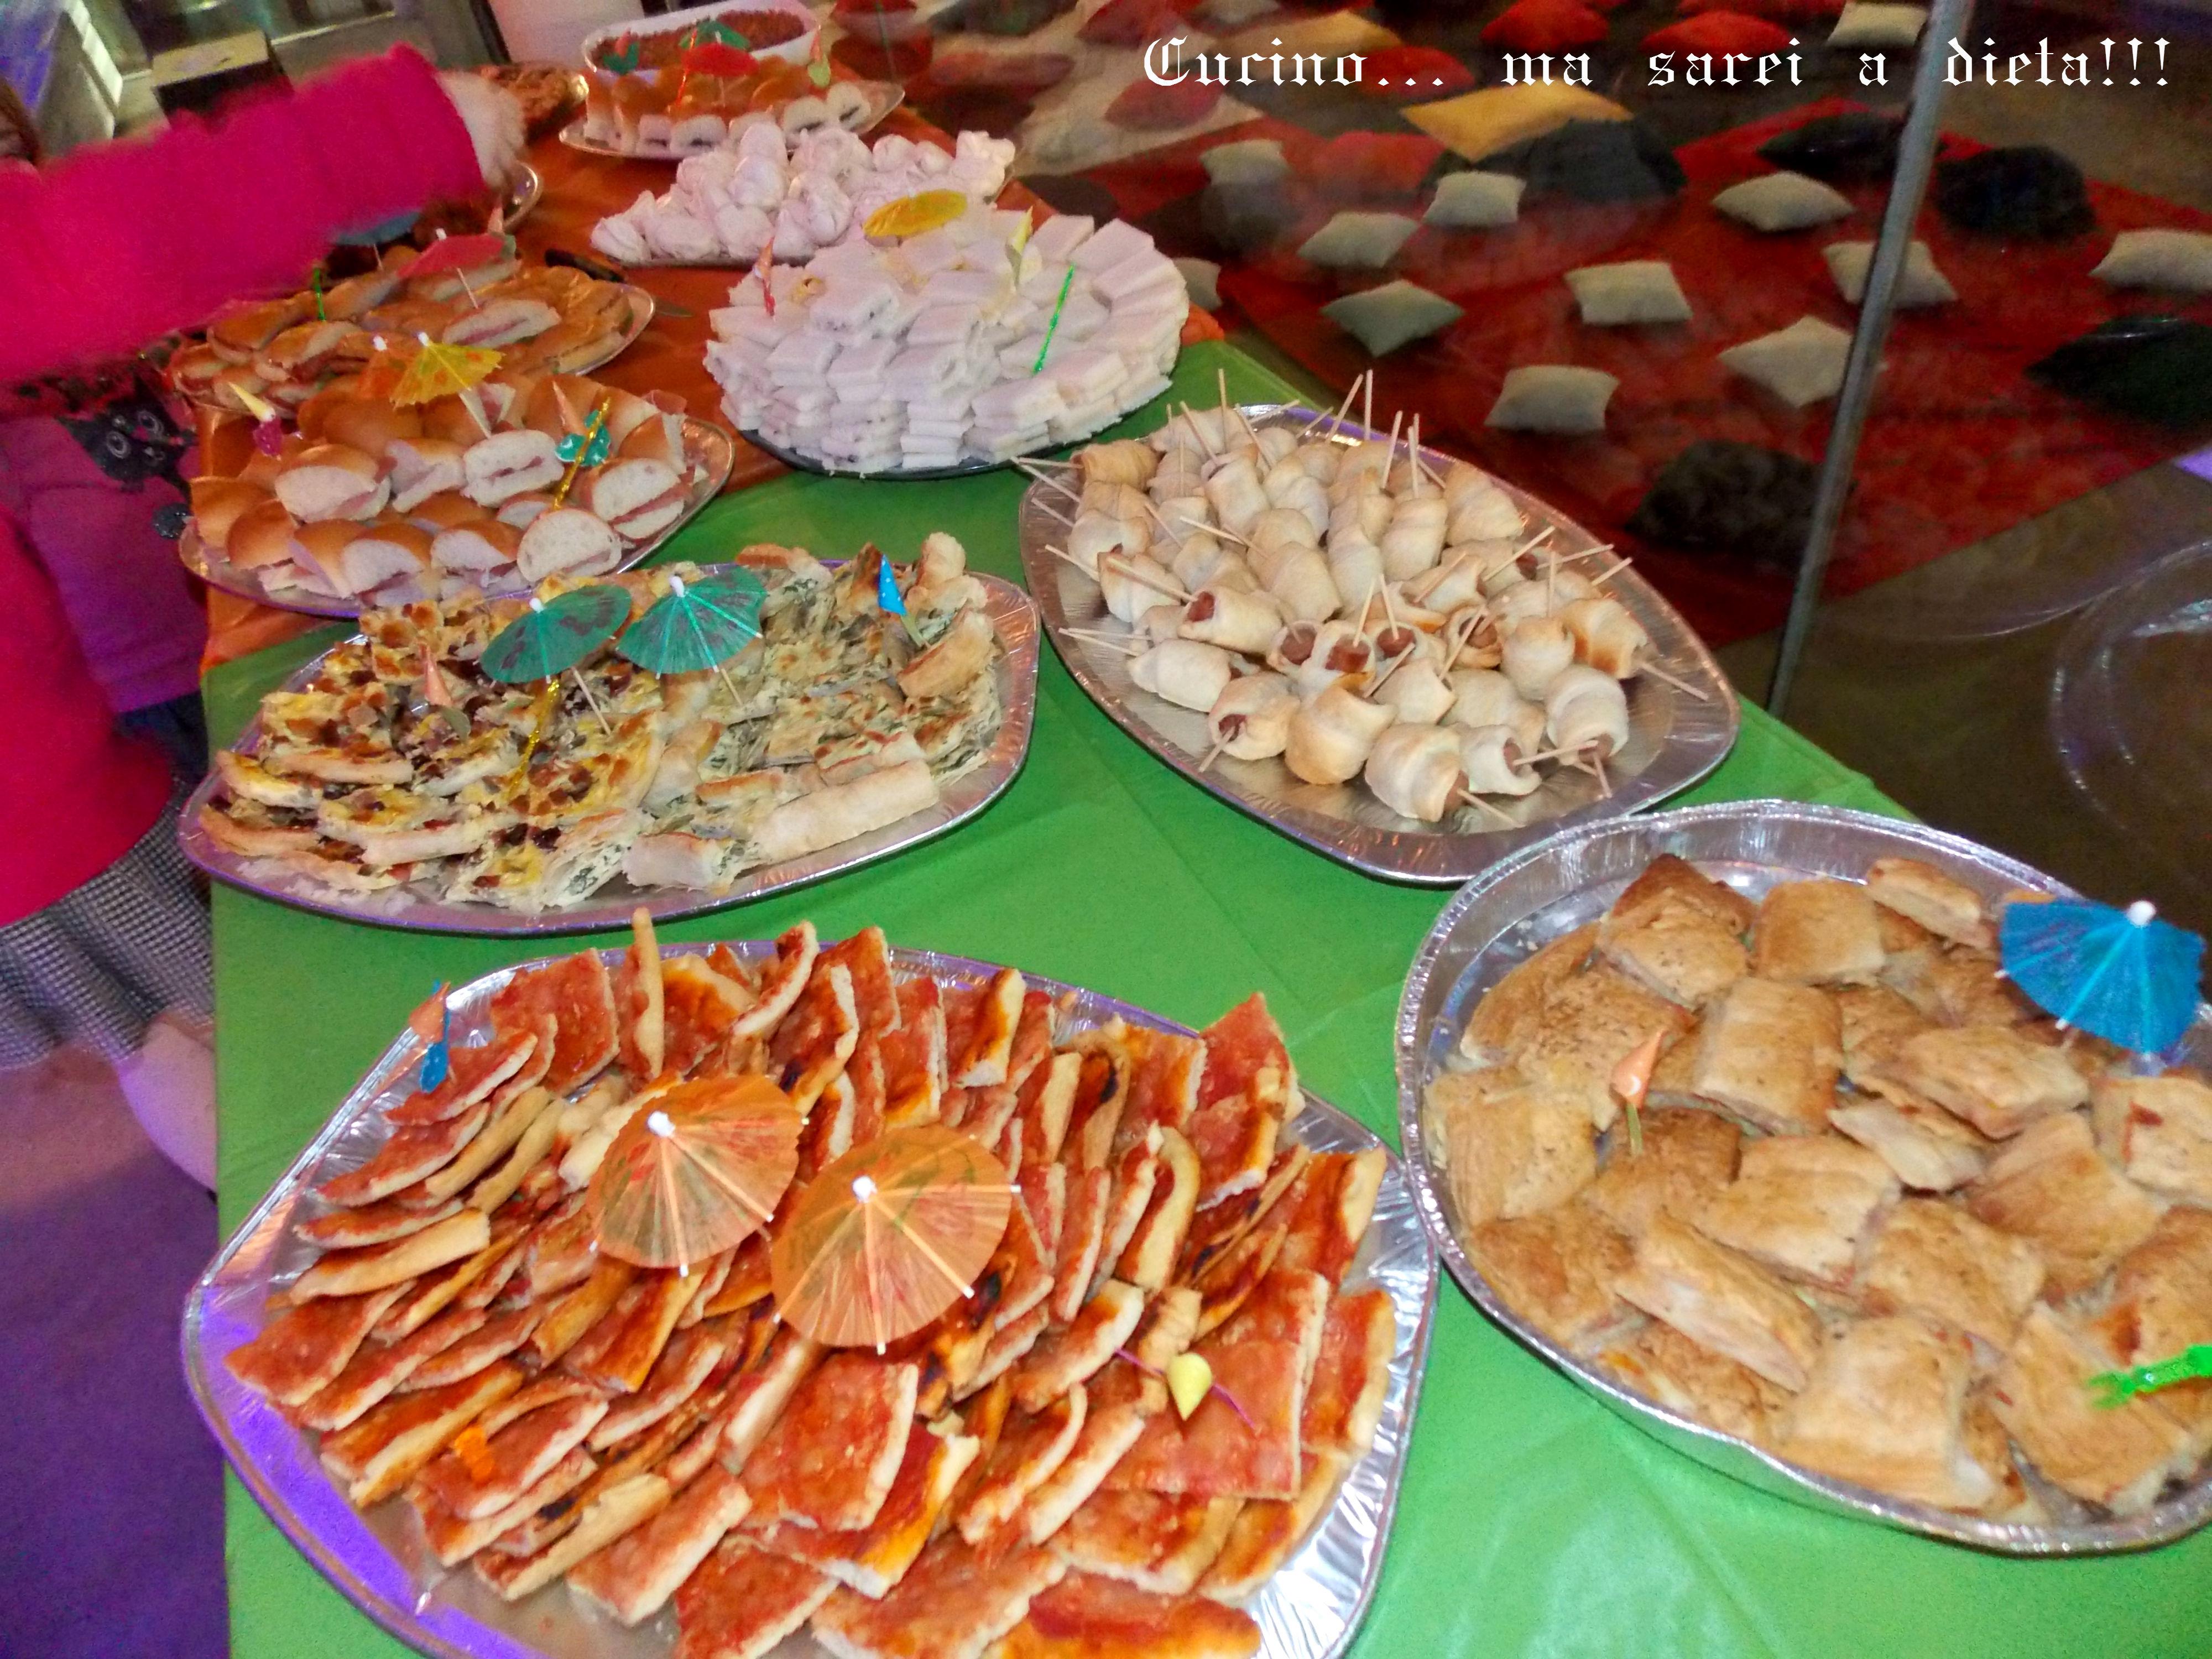 Popolare Buffet di compleanno in campagna 2014 | Cucino ma sarei a dieta!!! RB76